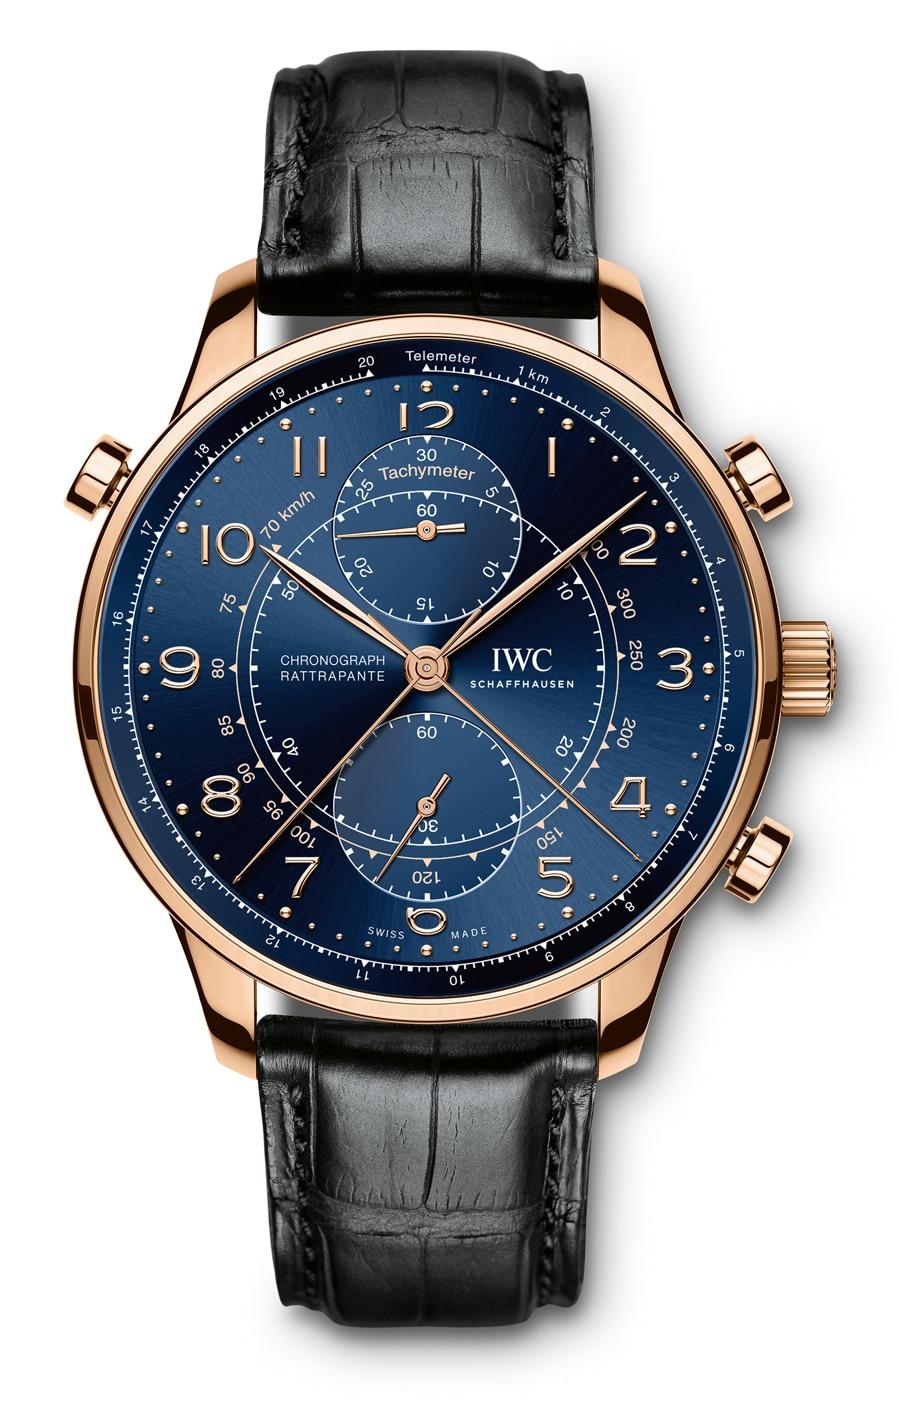 IWC: Portugieser Chronograph Rattrapante Boutique Milano